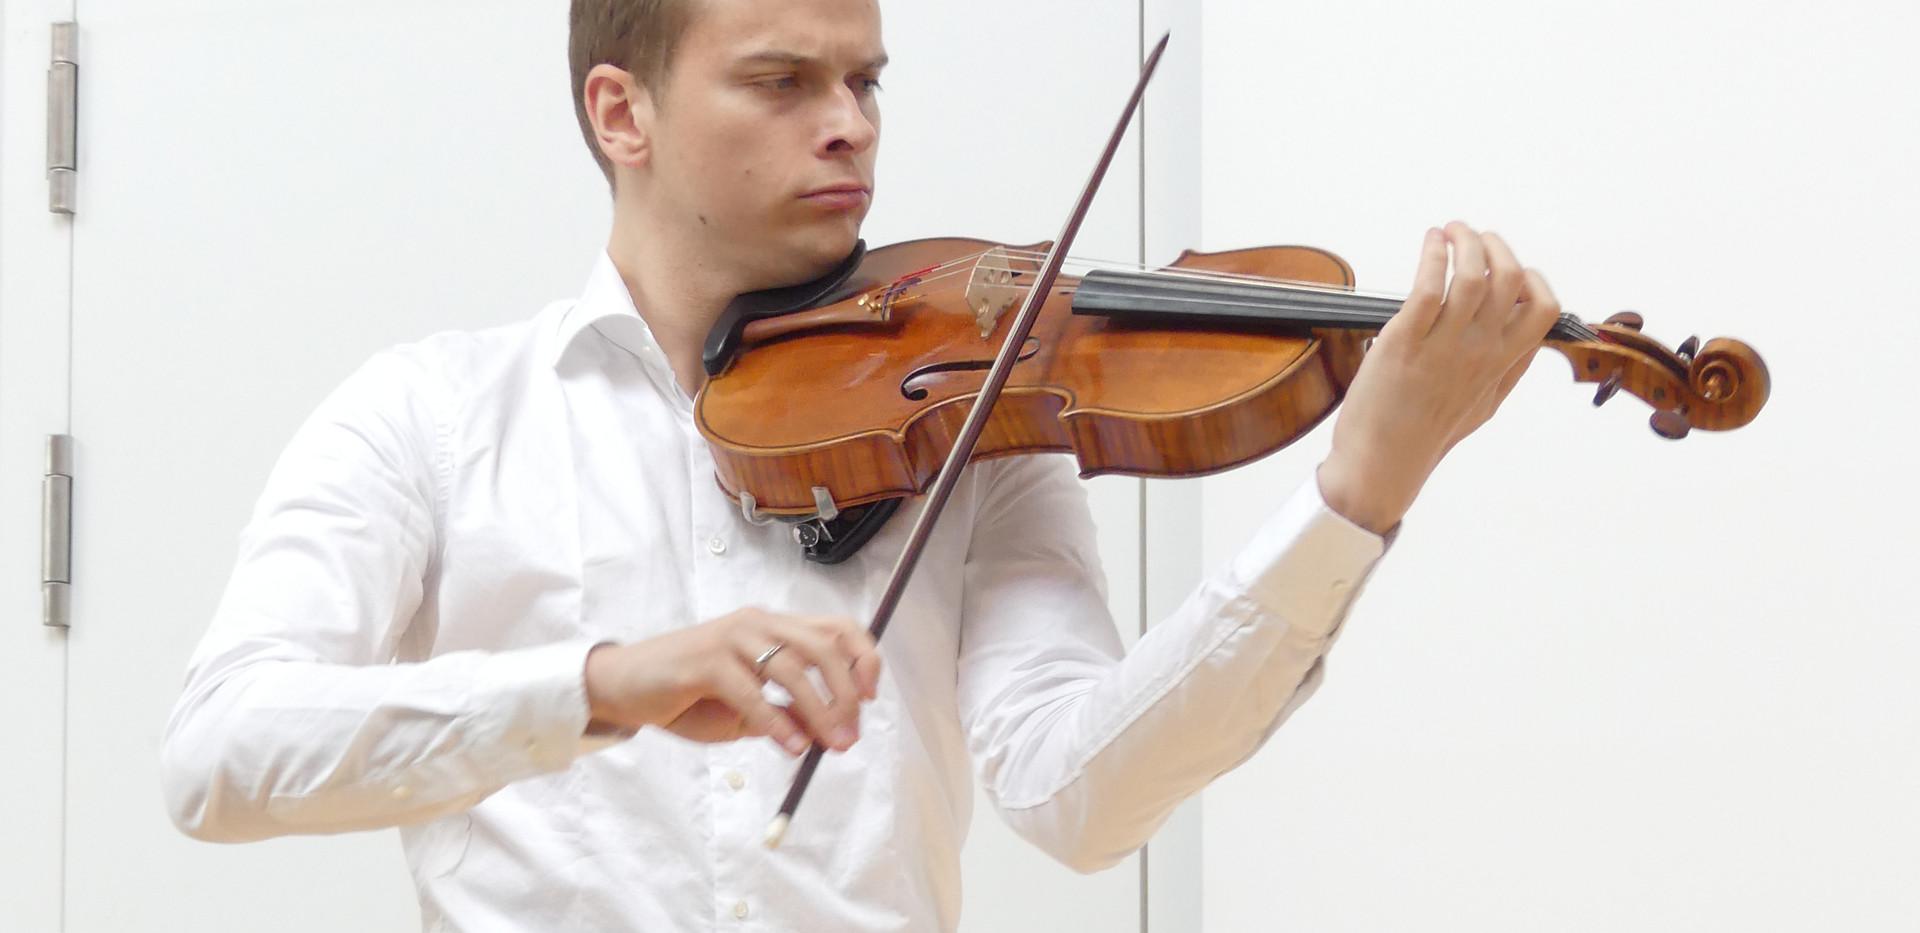 Matthias Schnorbusch